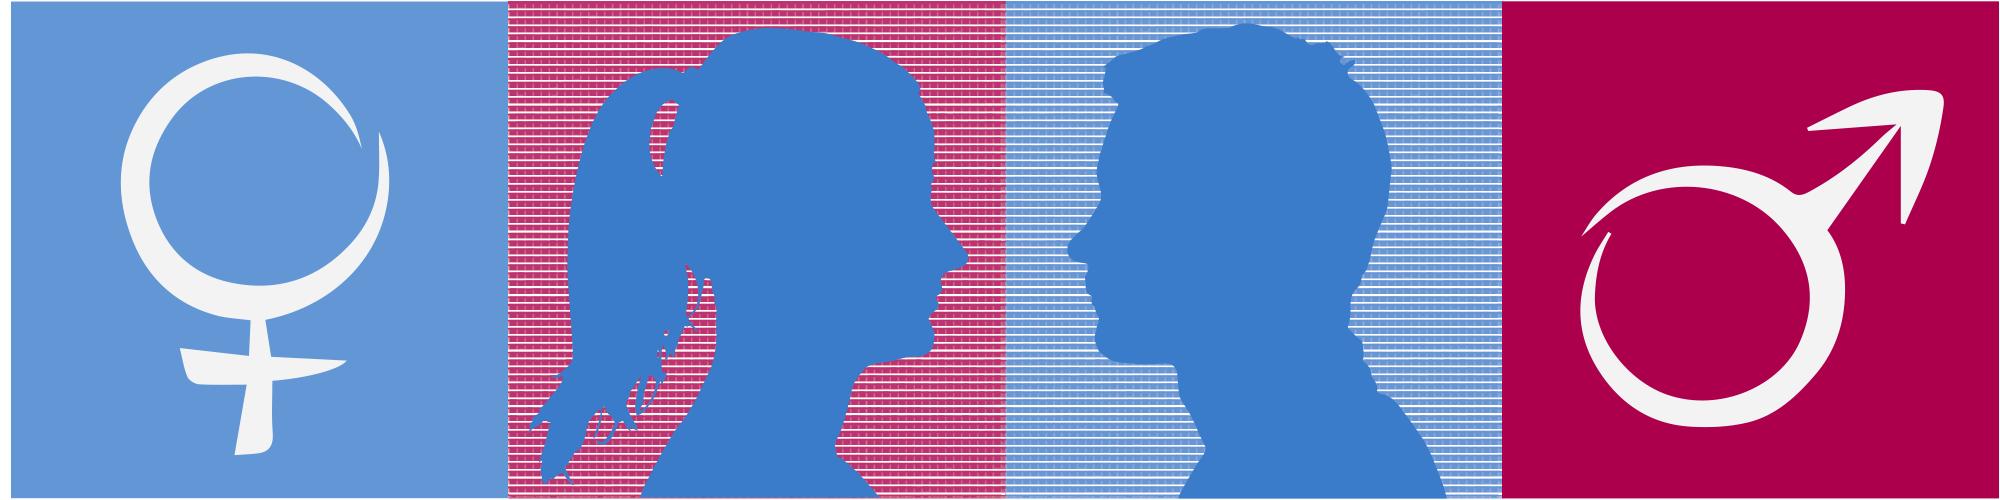 GenderQuadrate%20Rechteck.png